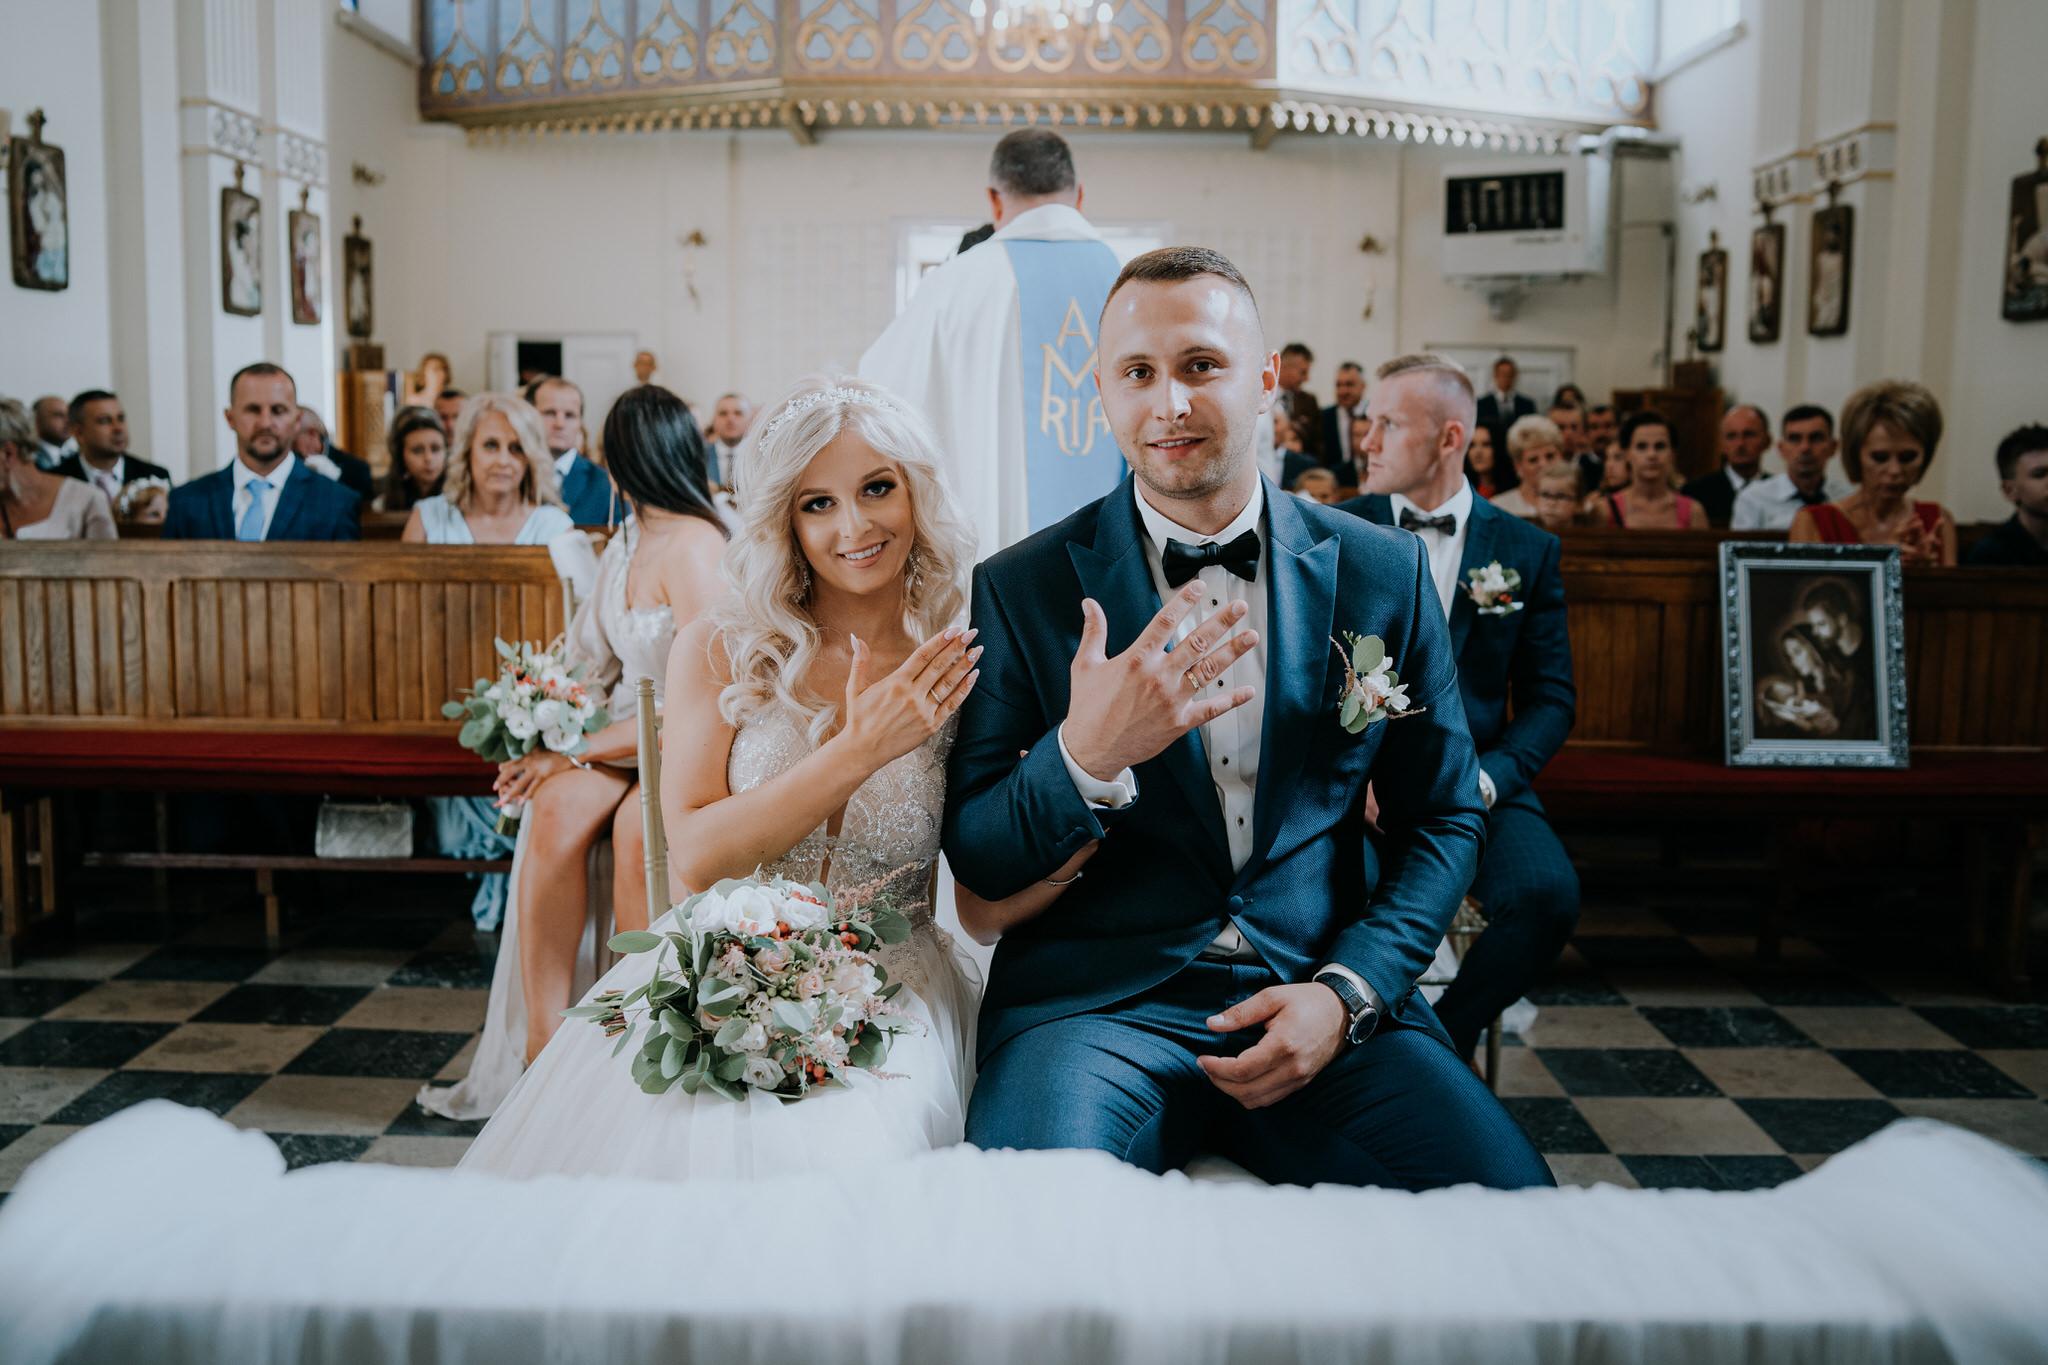 wesele paradis iga damian 142 - Wesele w stylu glamour | Lubartów | I+D | 04.09.2020